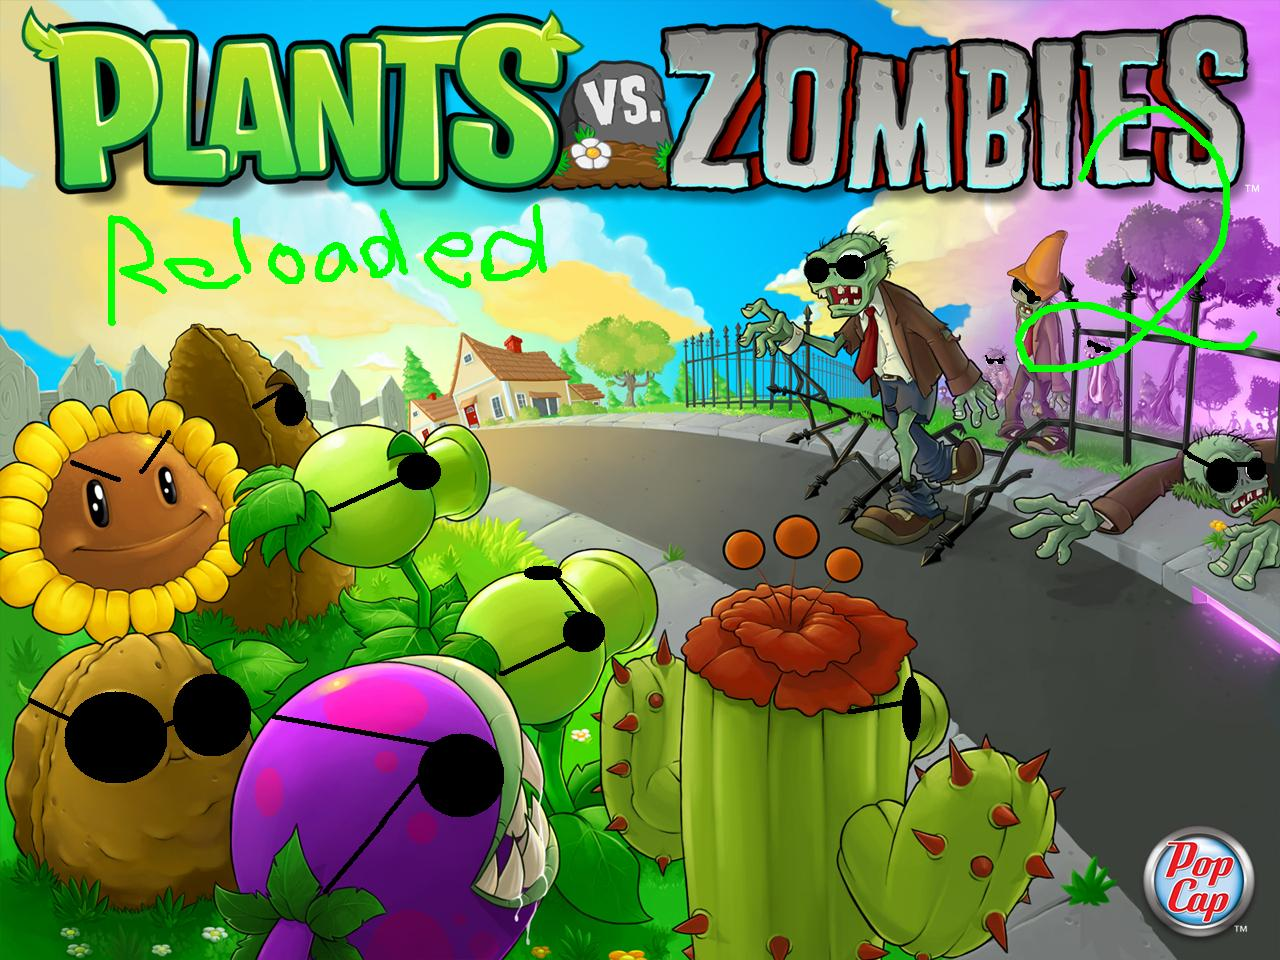 La secuela de plants vs zombies nos llegara a principios for Cuartos decorados de plants vs zombies